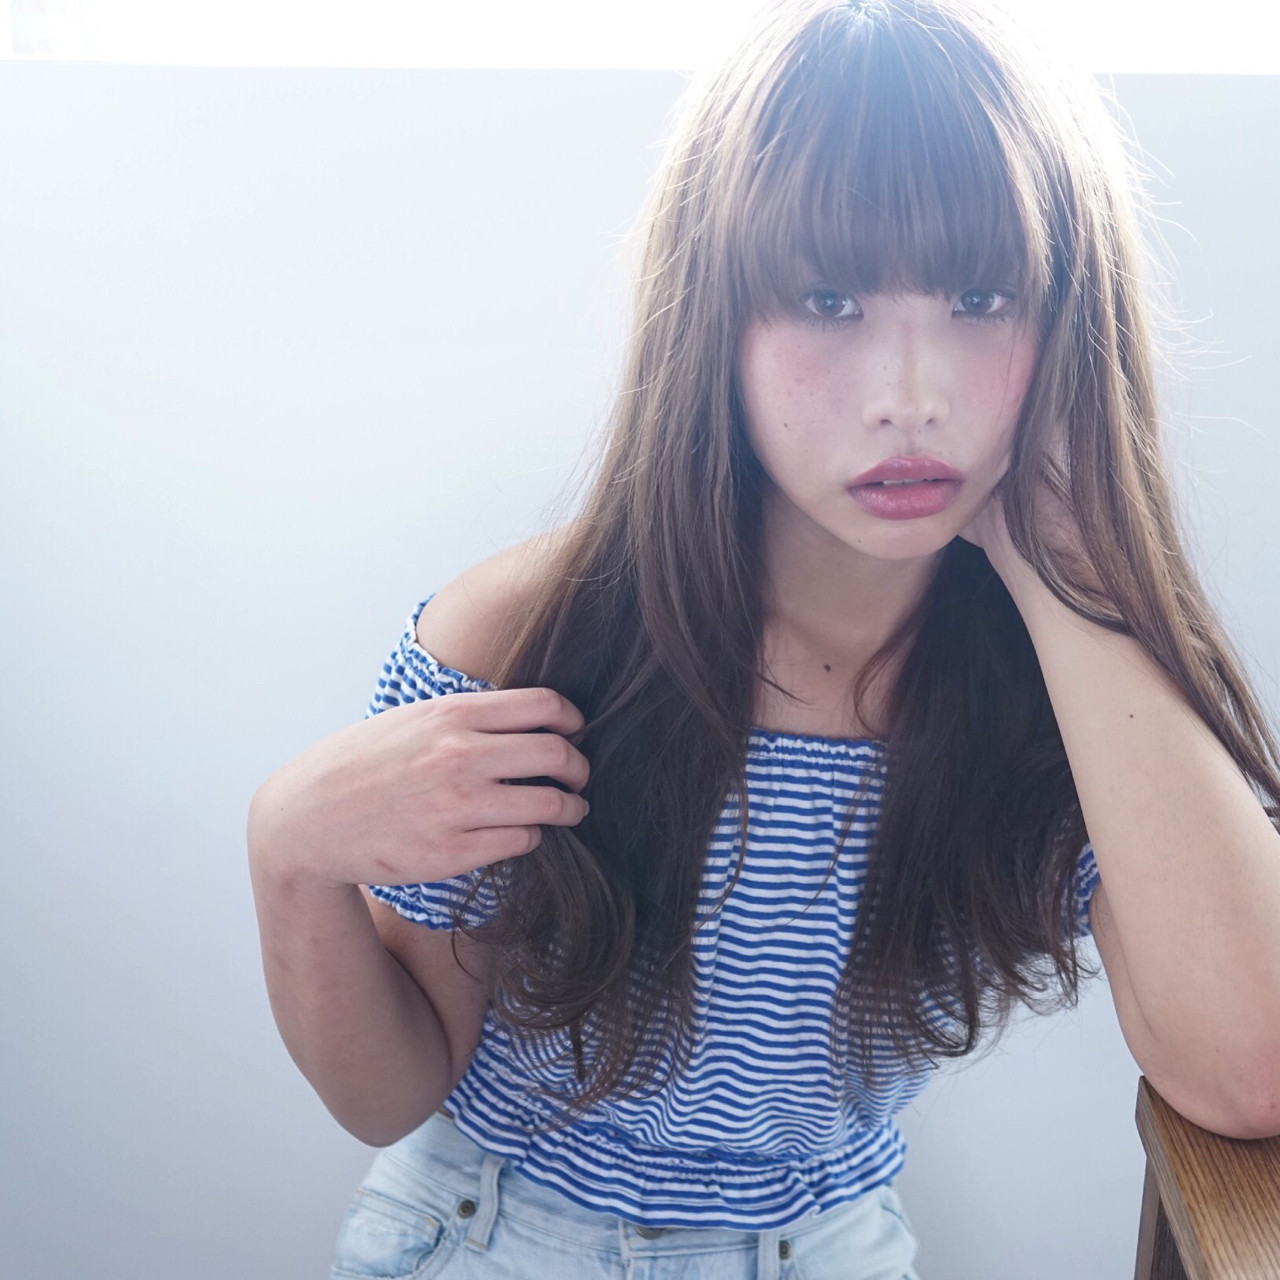 ワイドバング ナチュラル ロング ゆるふわ ヘアスタイルや髪型の写真・画像 | 下元将悟 / tihi(ティヒ)